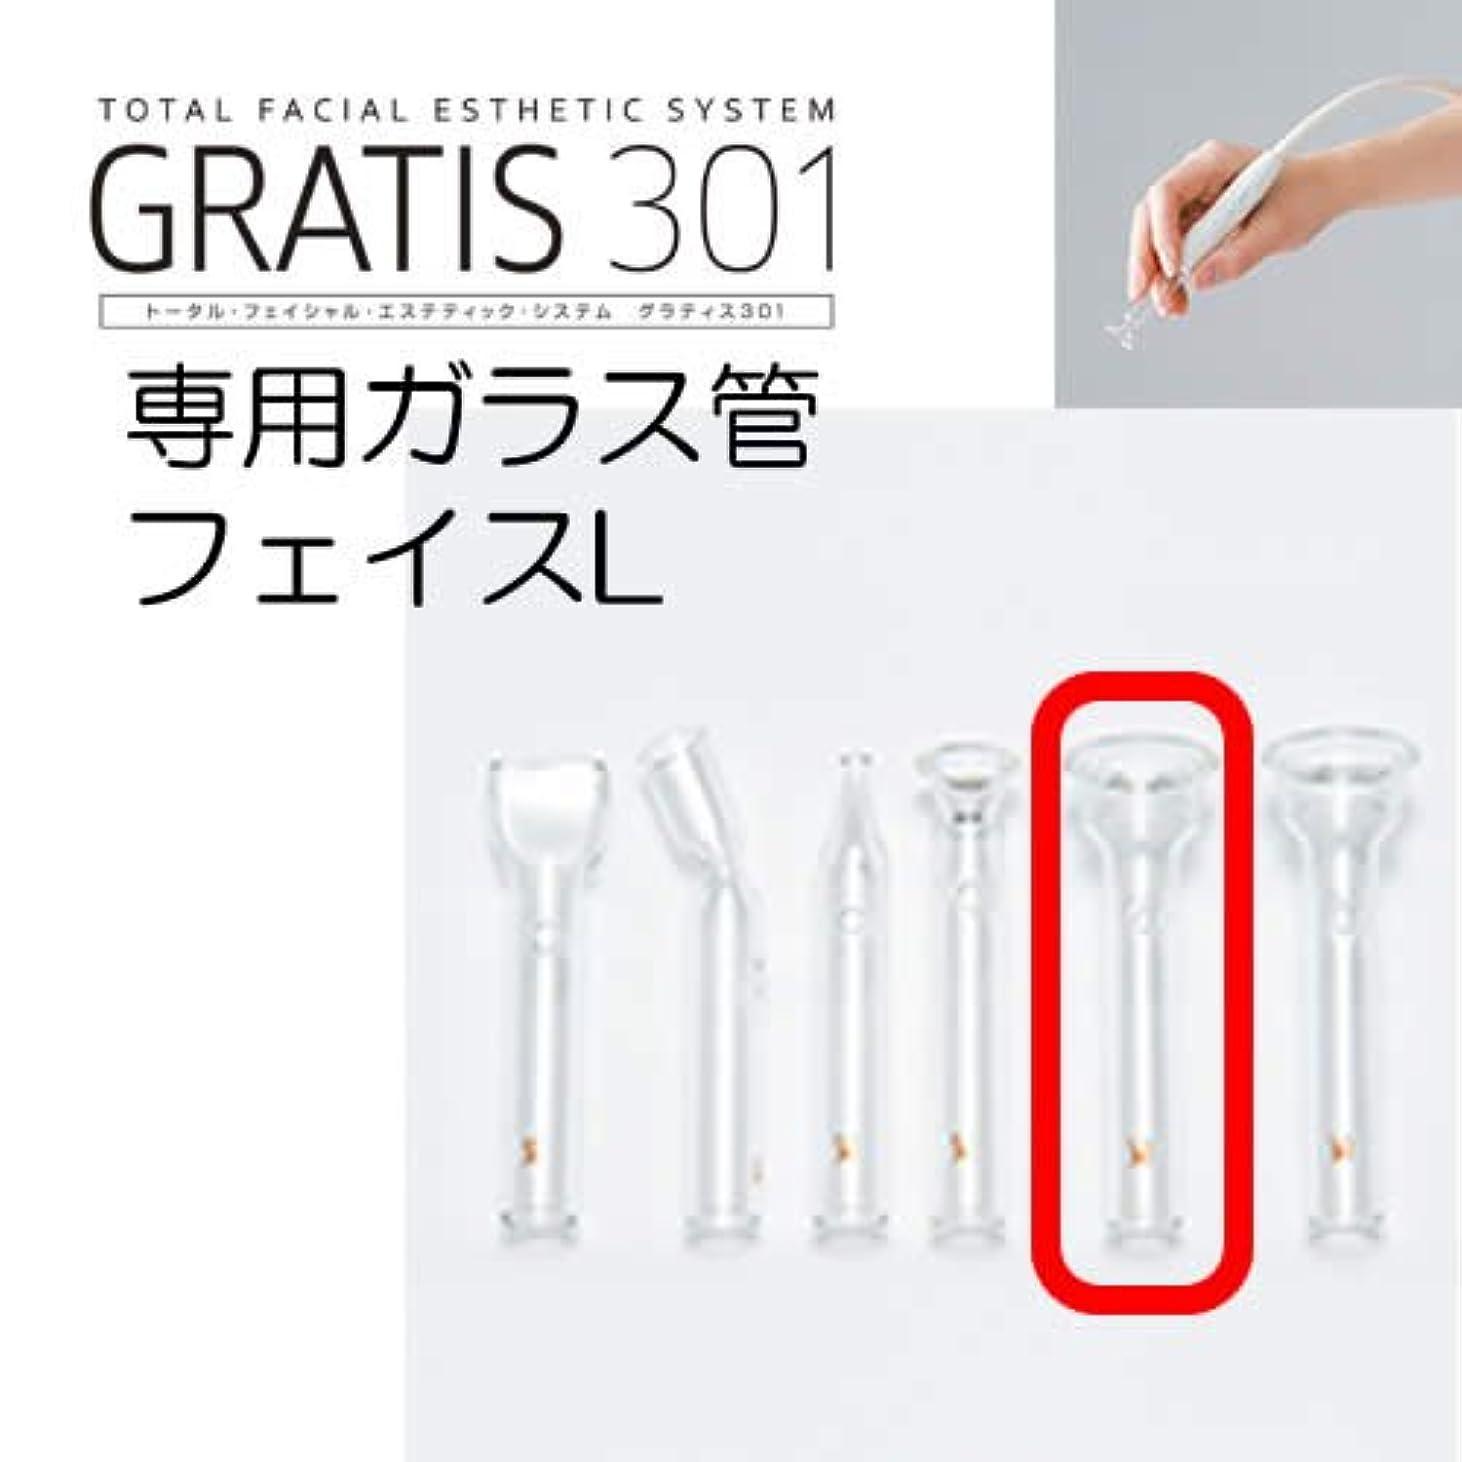 放つ同盟発見GRATIS 301(グラティス301)専用ガラス管 フェイスL(2本セット)